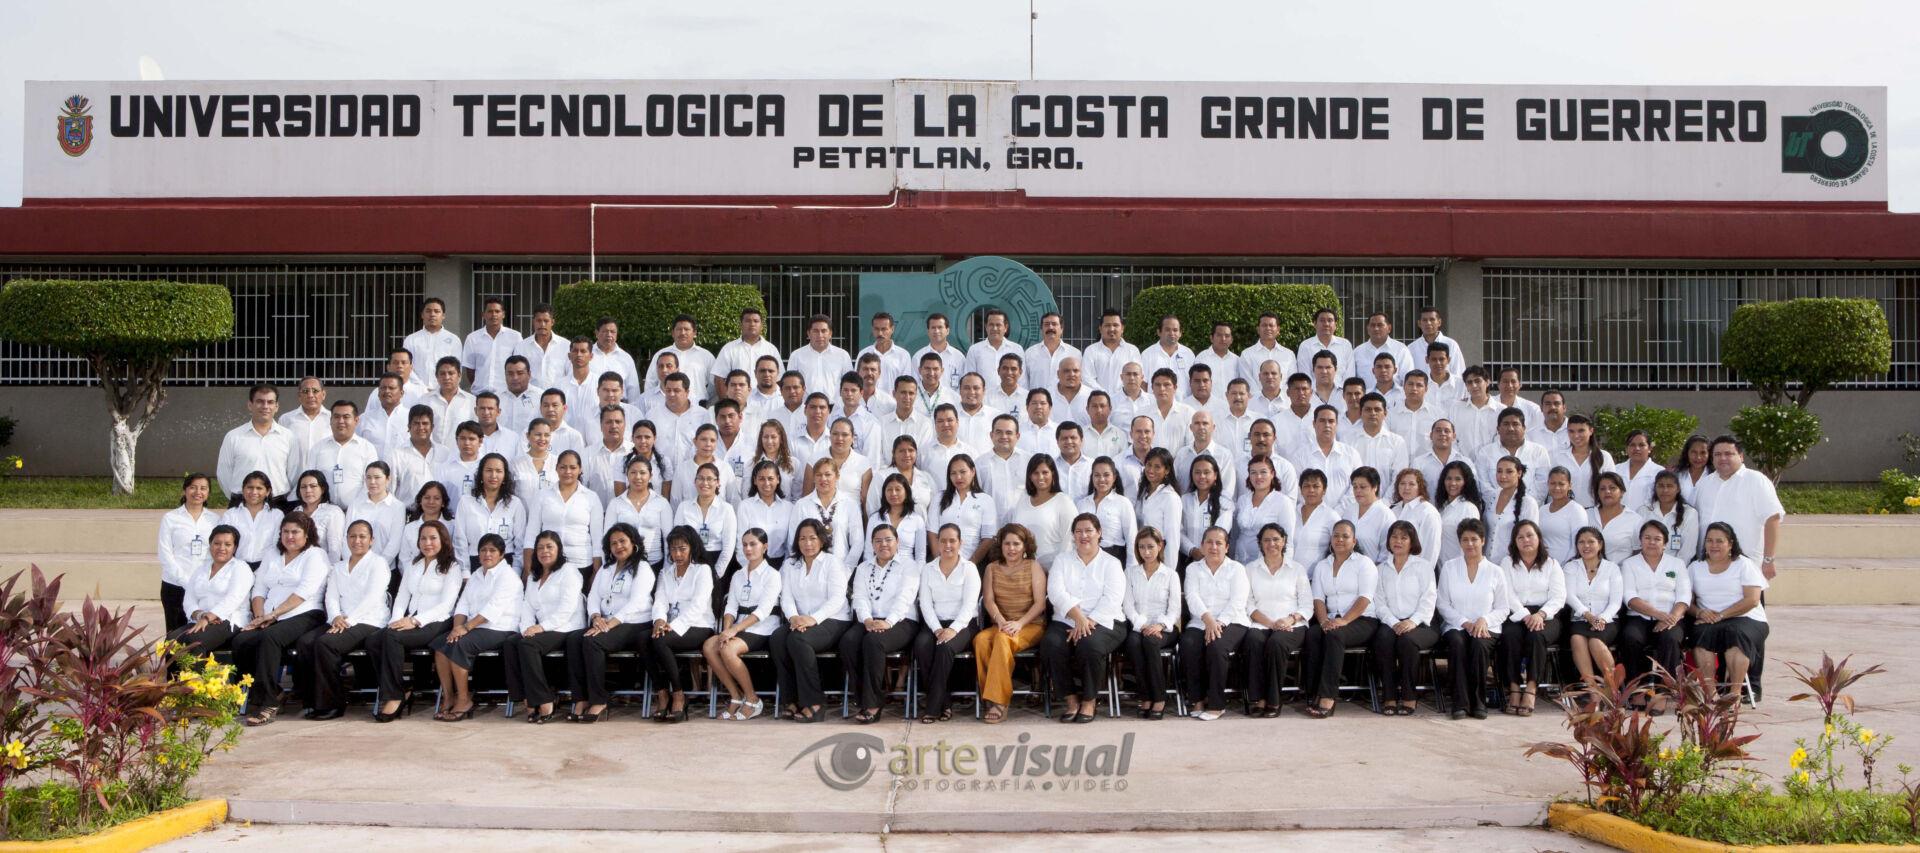 Fotografía grupo de la Universidad Tecnológica de la Costa Grande de Guerrero